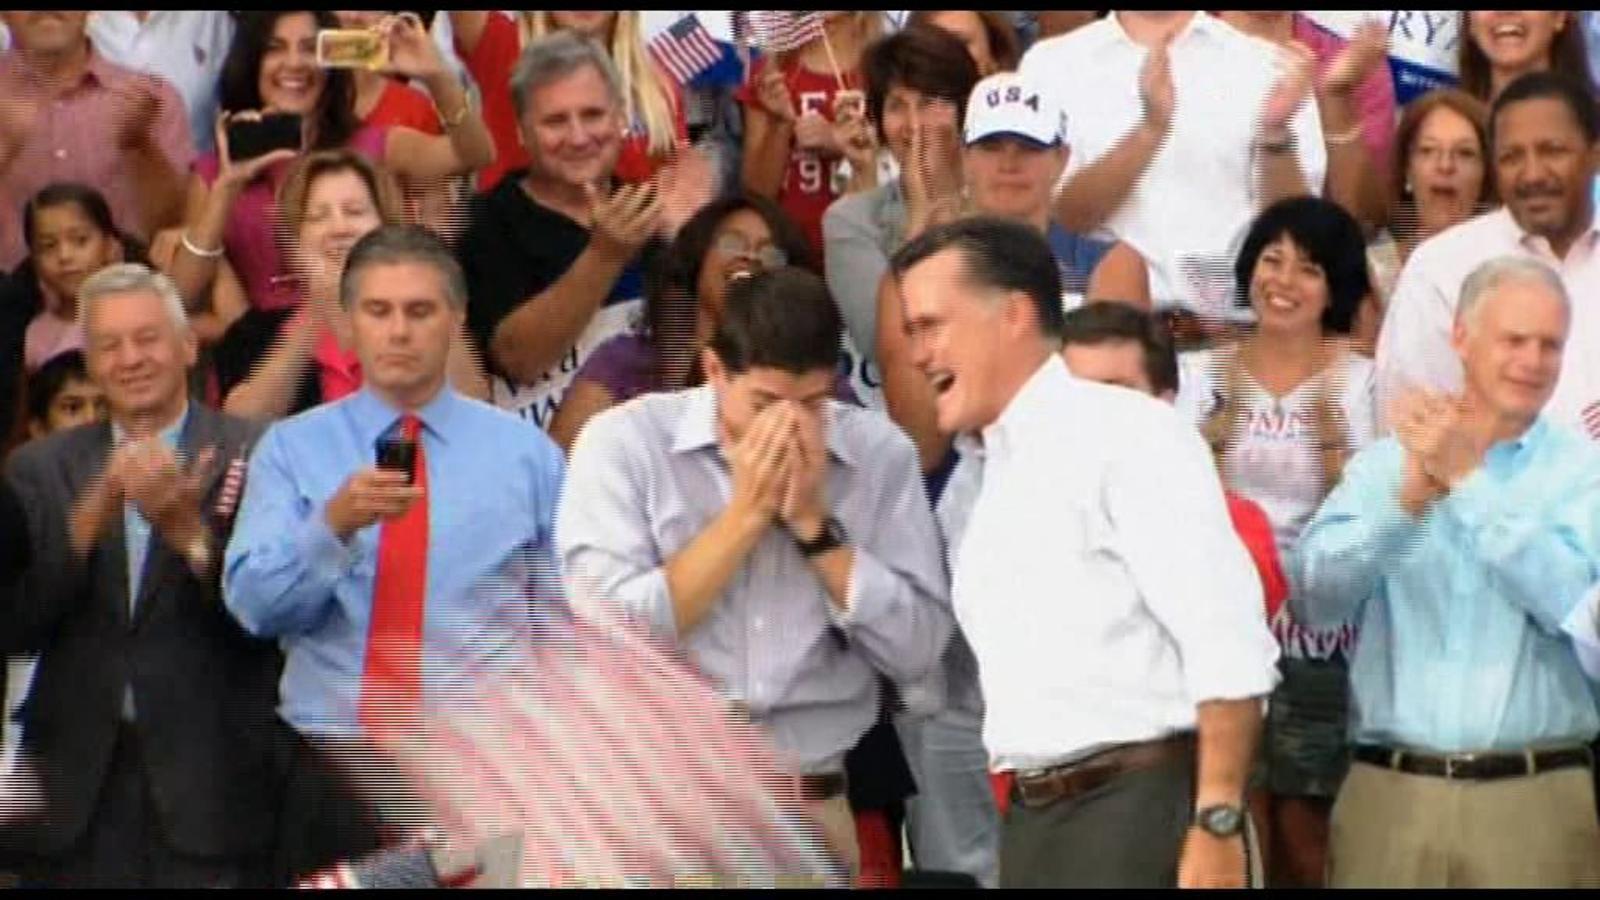 Paul Ryan, candidat a la vicepresidència dels EUA